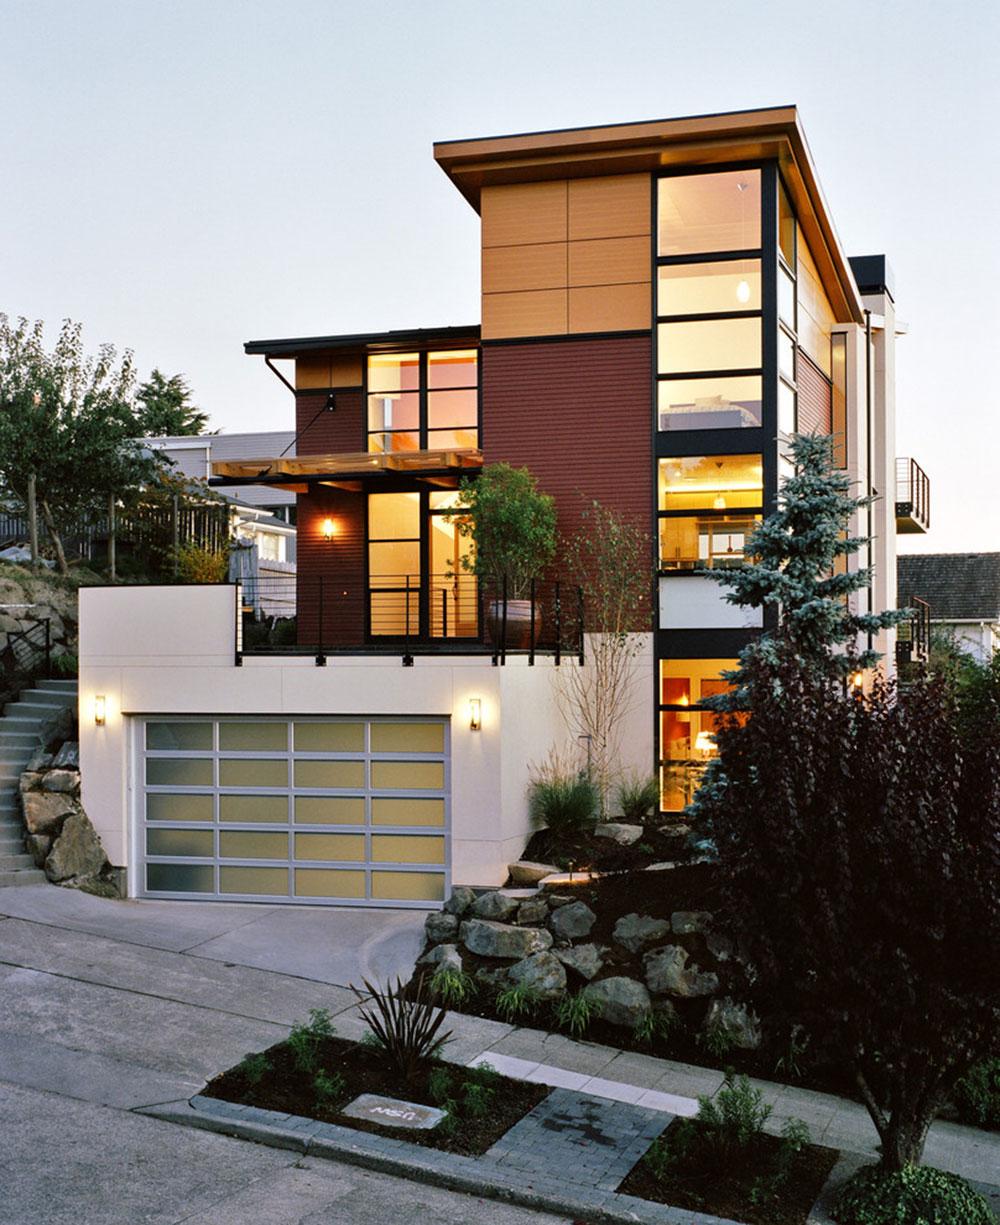 Arbeta med en arkitekt för att designa ditt hus2 Arbeta med en arkitekt för att designa ditt hus